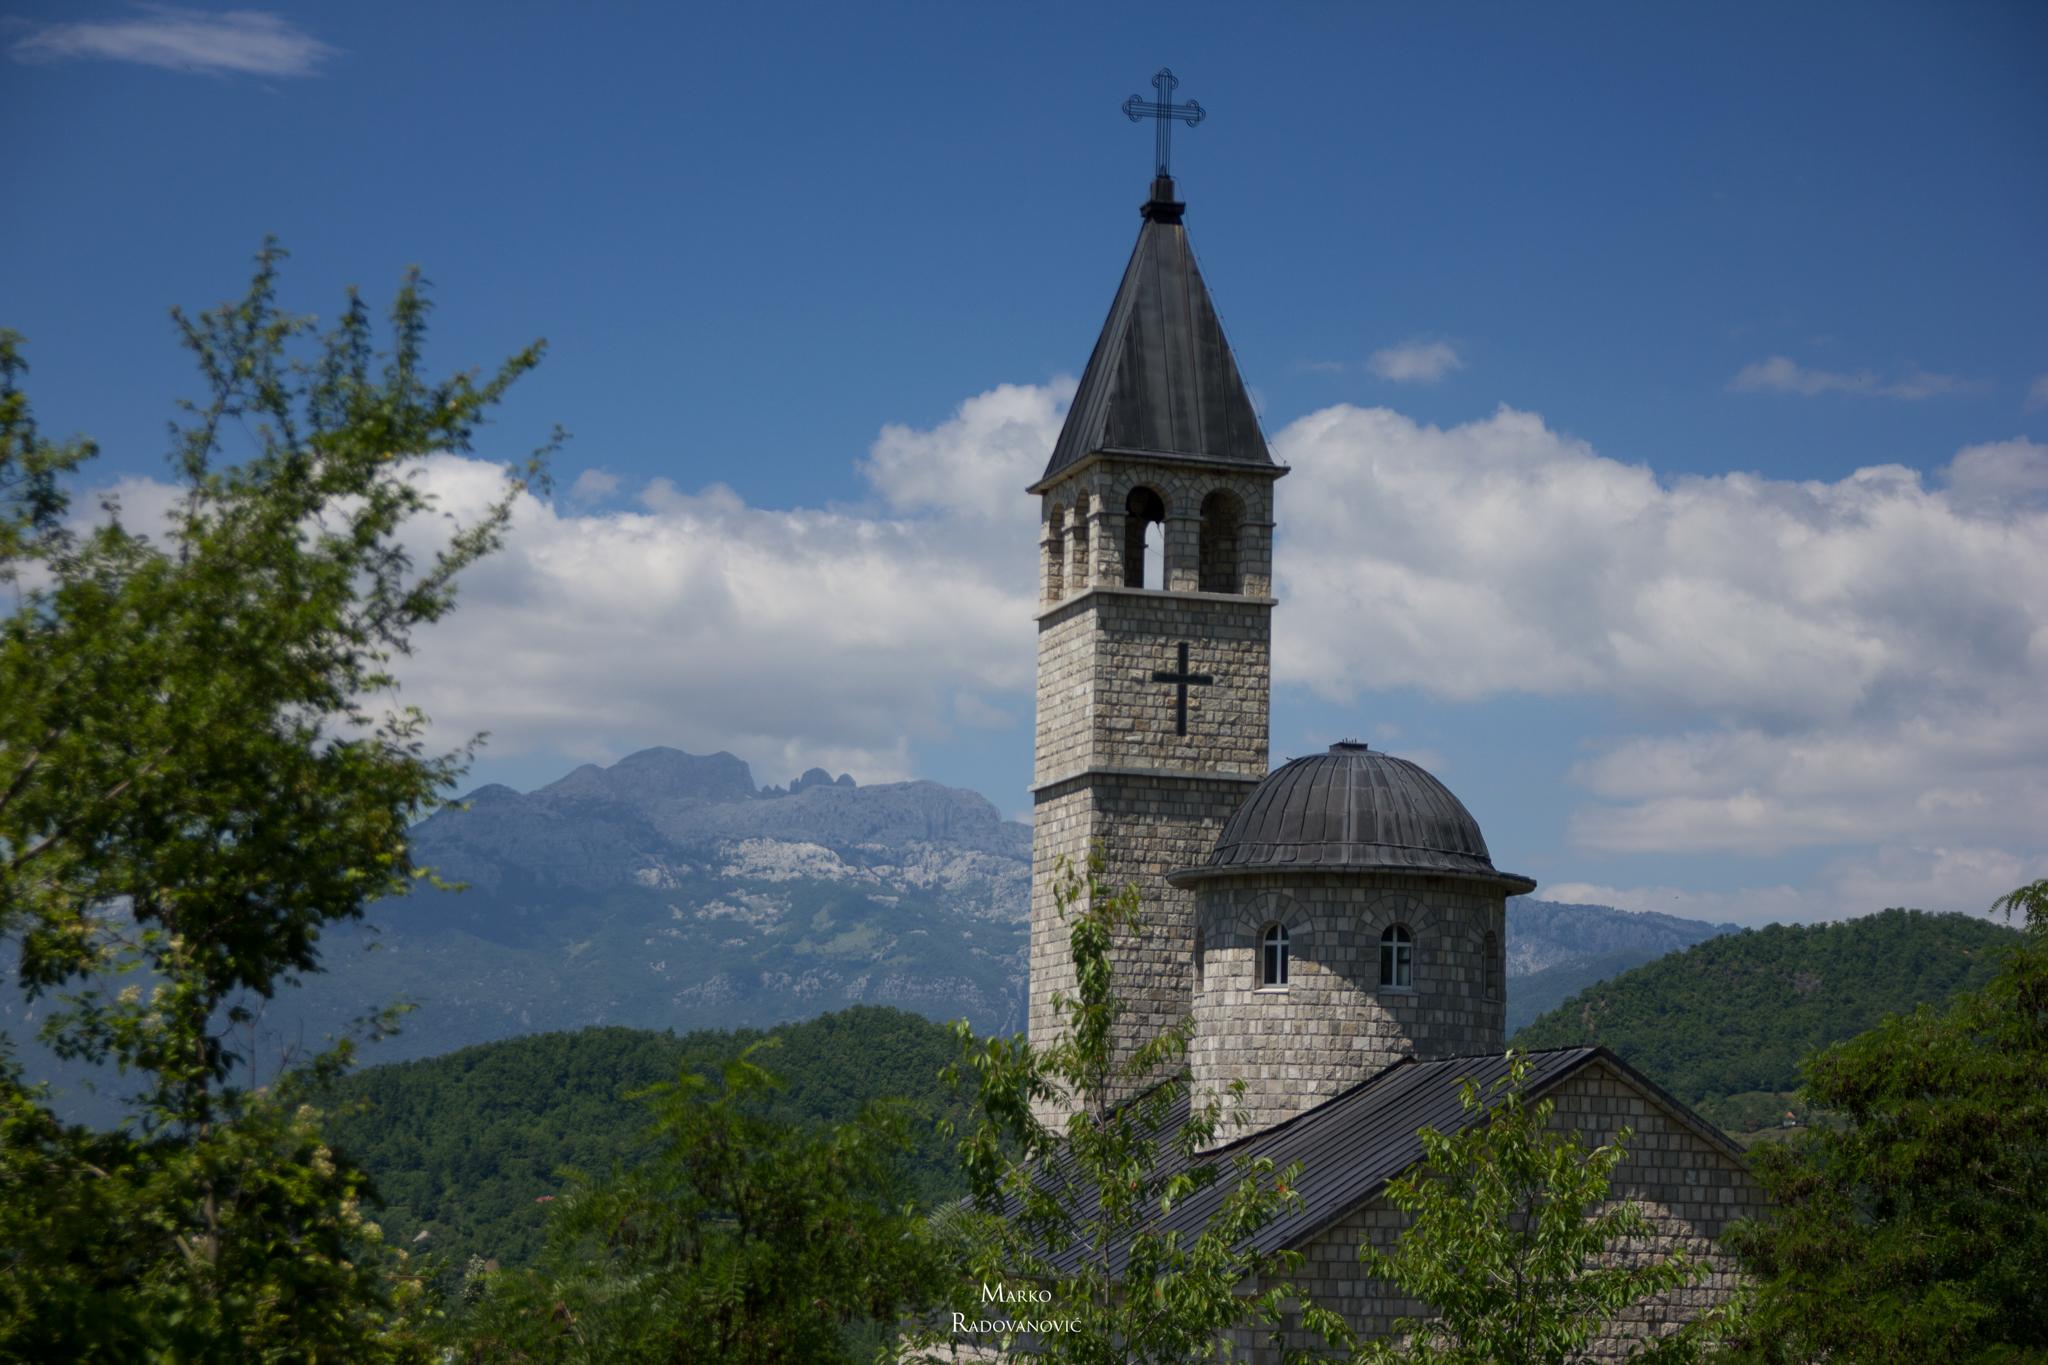 42-Manastir Prekobrdje i Moracke planine u pozadini